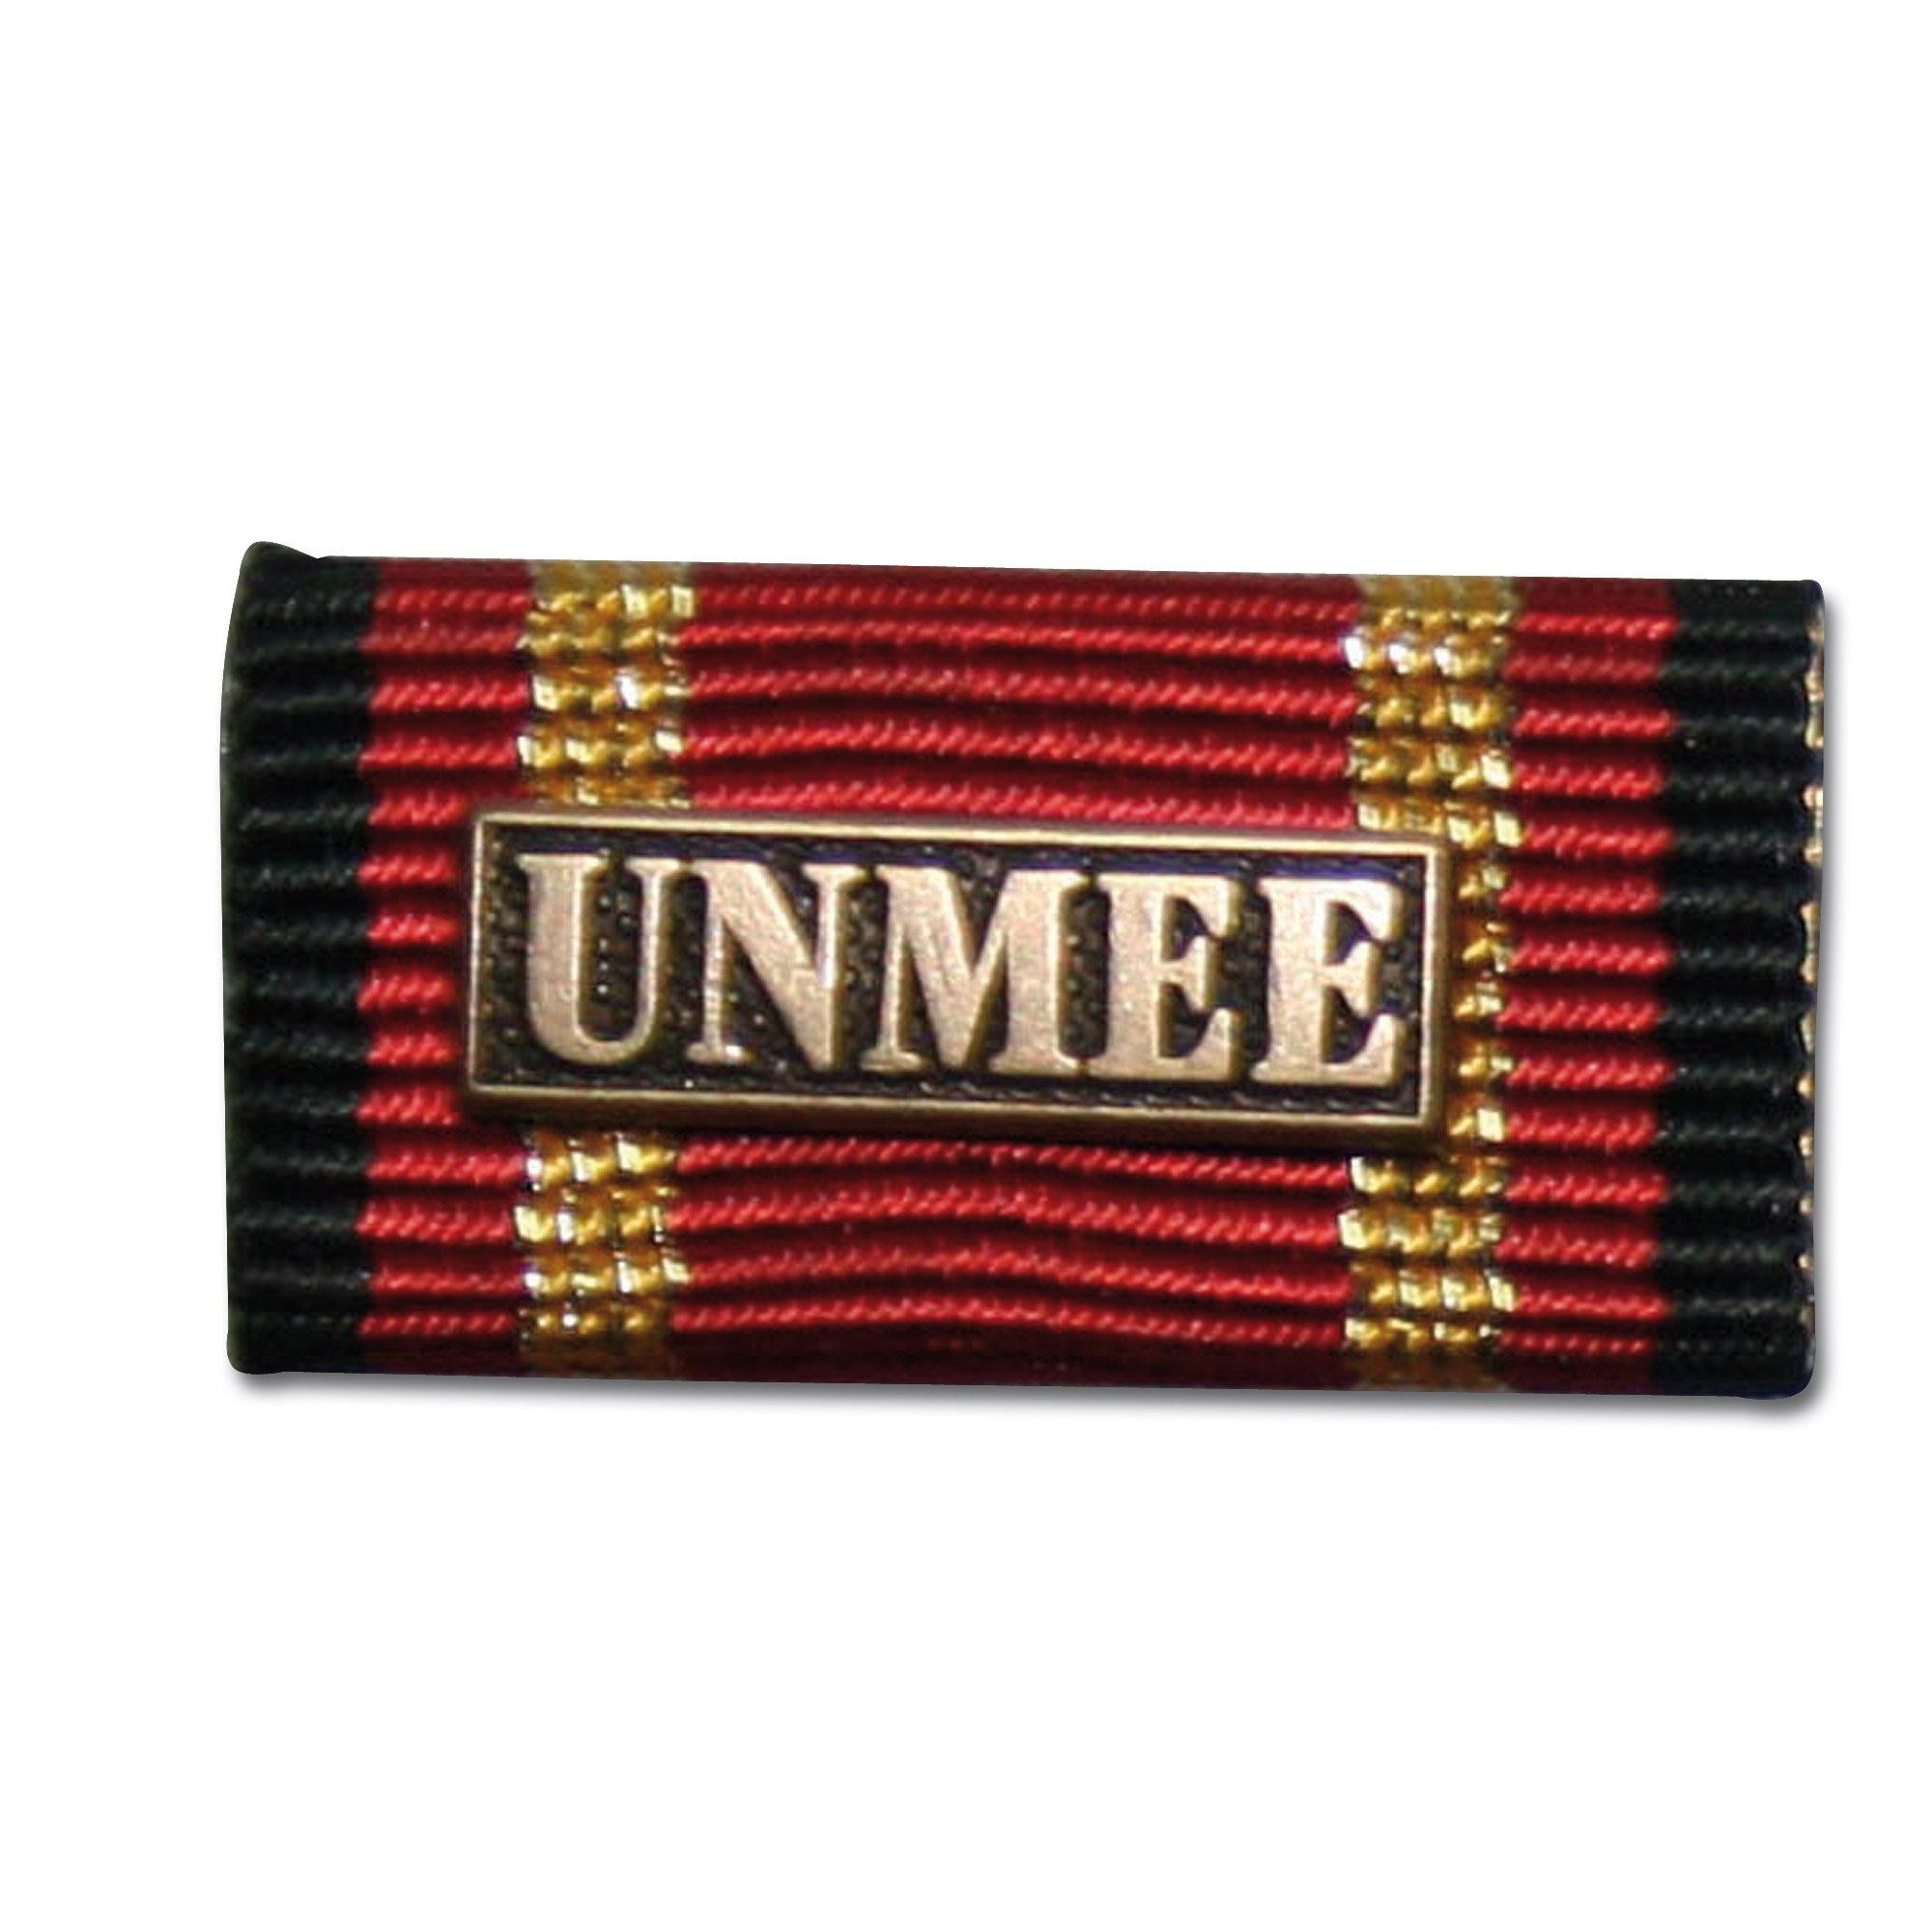 Ordensspange Auslandseinsatz UNMEE bronze